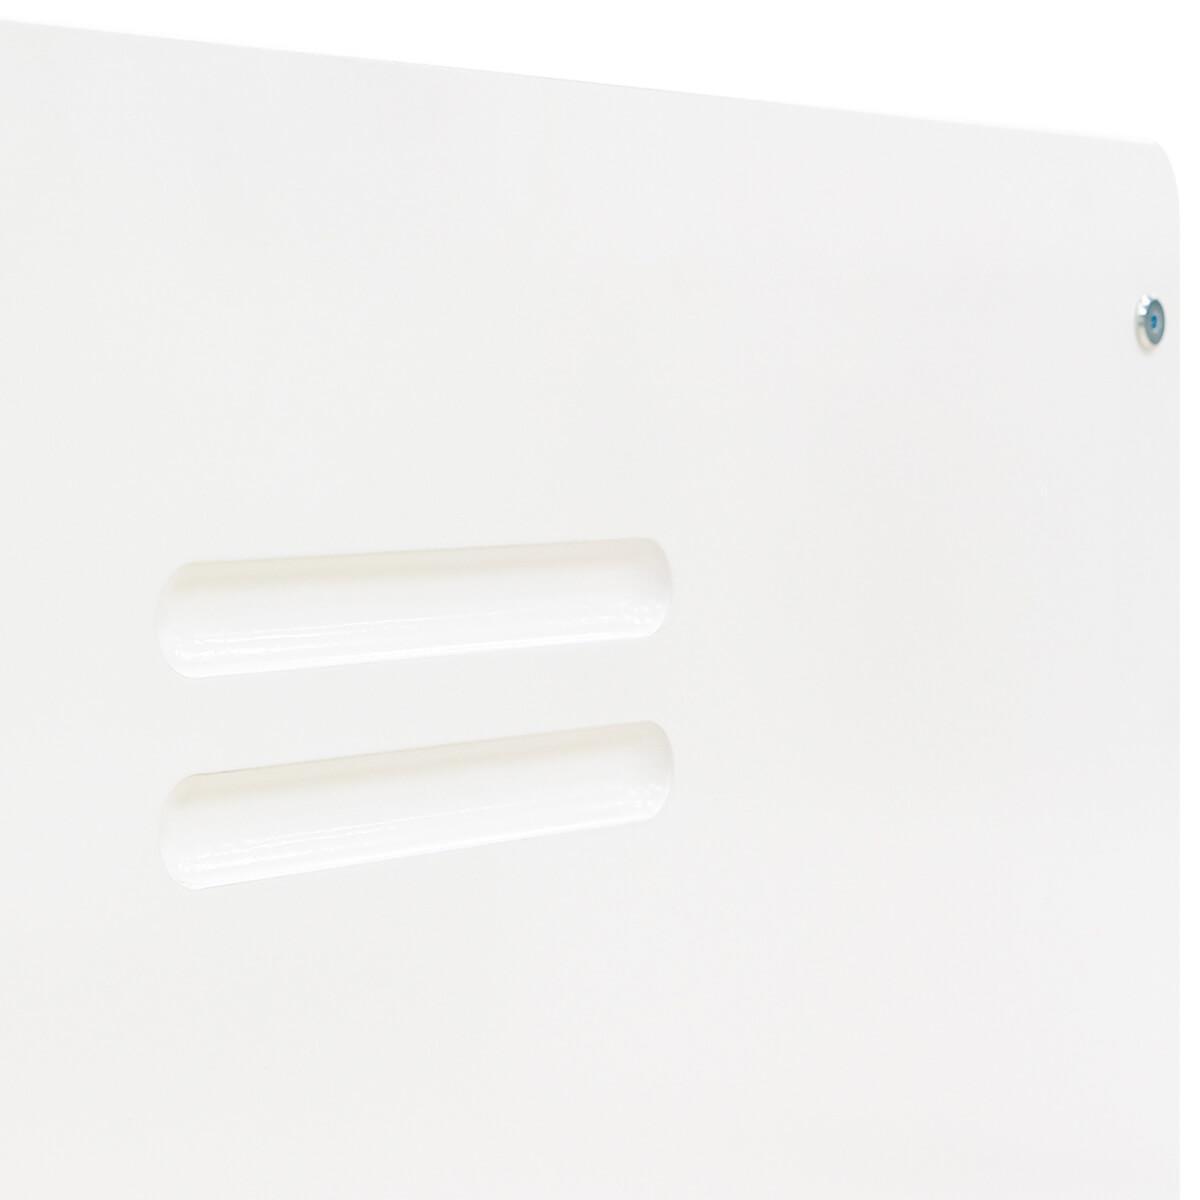 Cuna 60x120cm LOCKER Bopita blanco